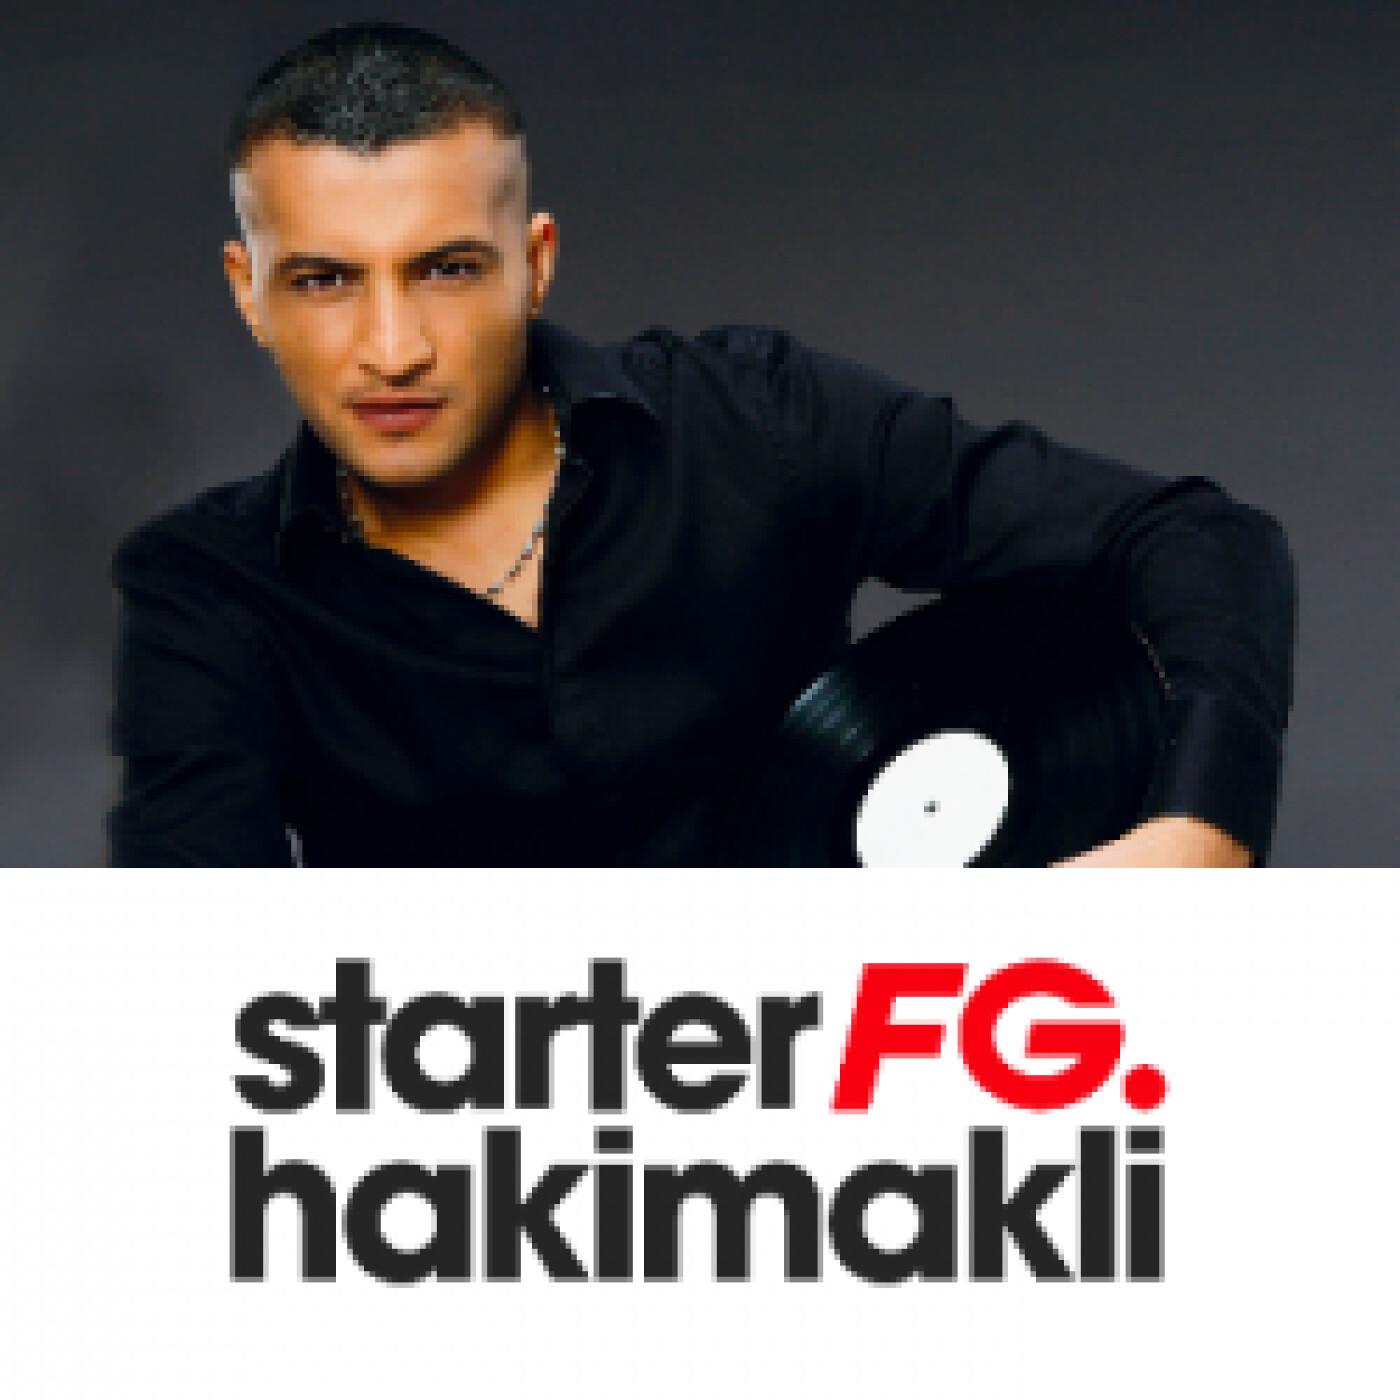 STARTER FG BY HAKIMAKLI LUNDI 22 MARS 2021